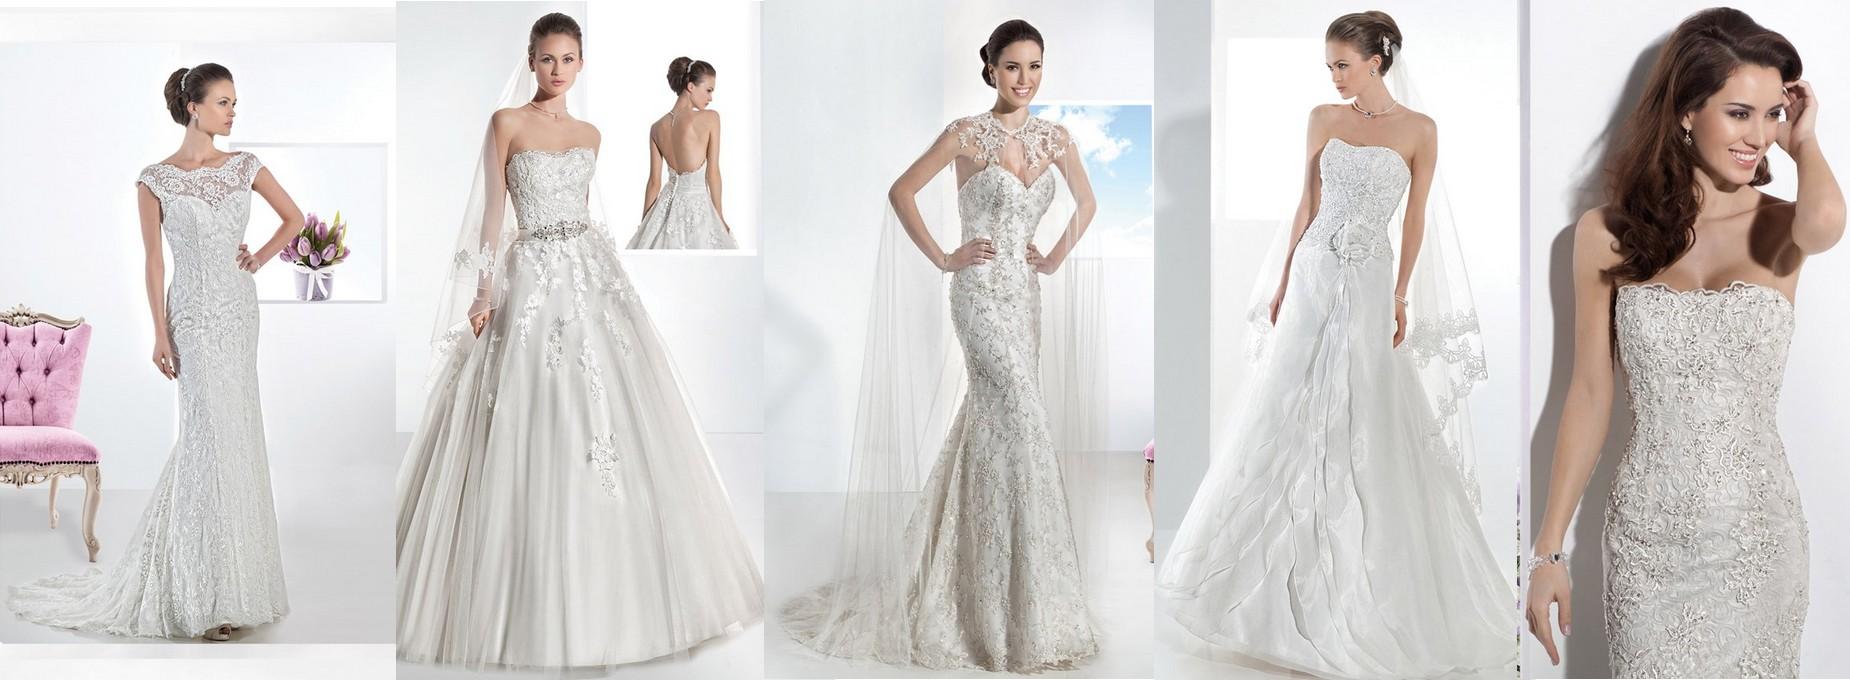 N 1 robe de mari e achat de la semaine zikisso for Comment faire la robe de mariage cupcake